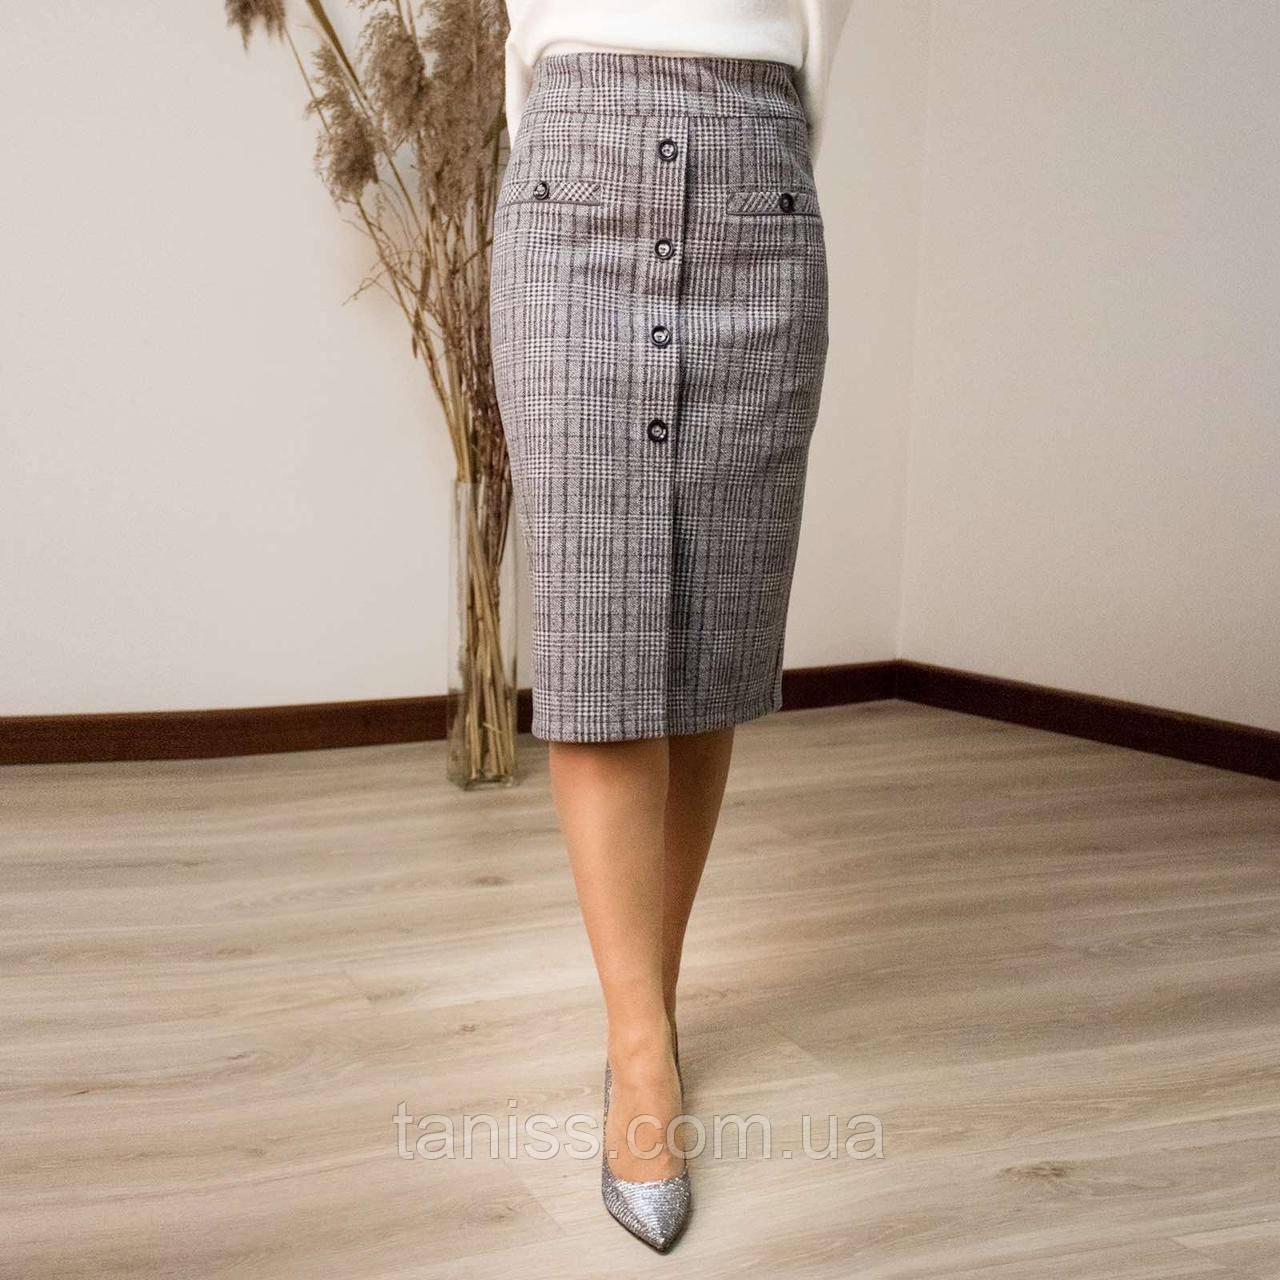 """Жіноча стильна спідниця на ґудзик """"Летісія"""",тканина теплий трикотаж, р-р 46,48,50,52,54,56,58, клітина, спідниця"""